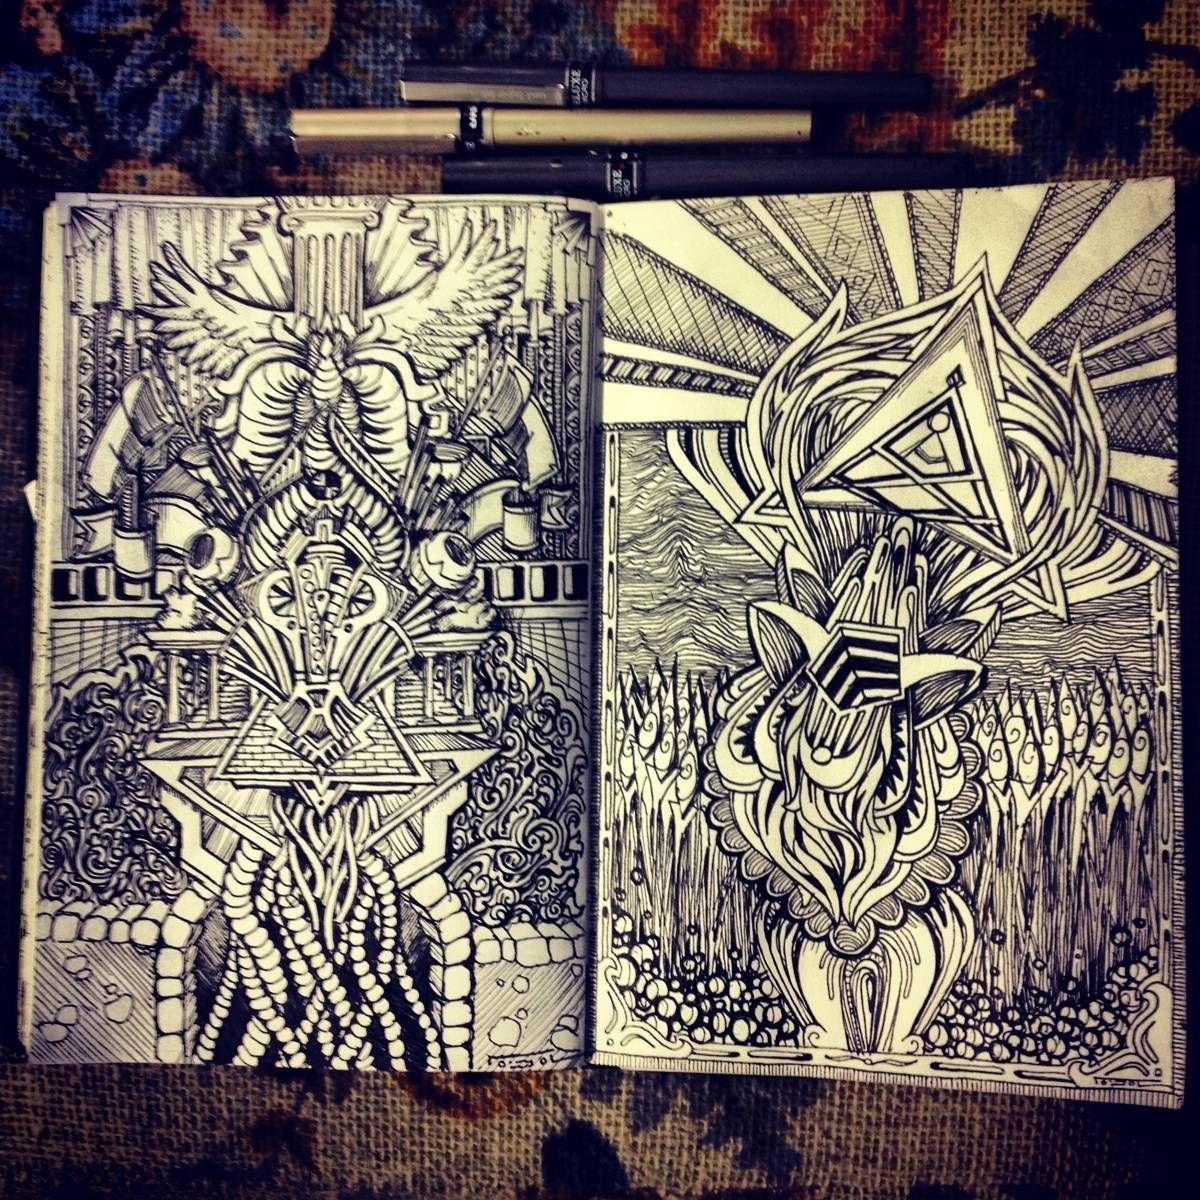 Sketchbook via Reddit /r/heavymind | Sketchbook & Journal